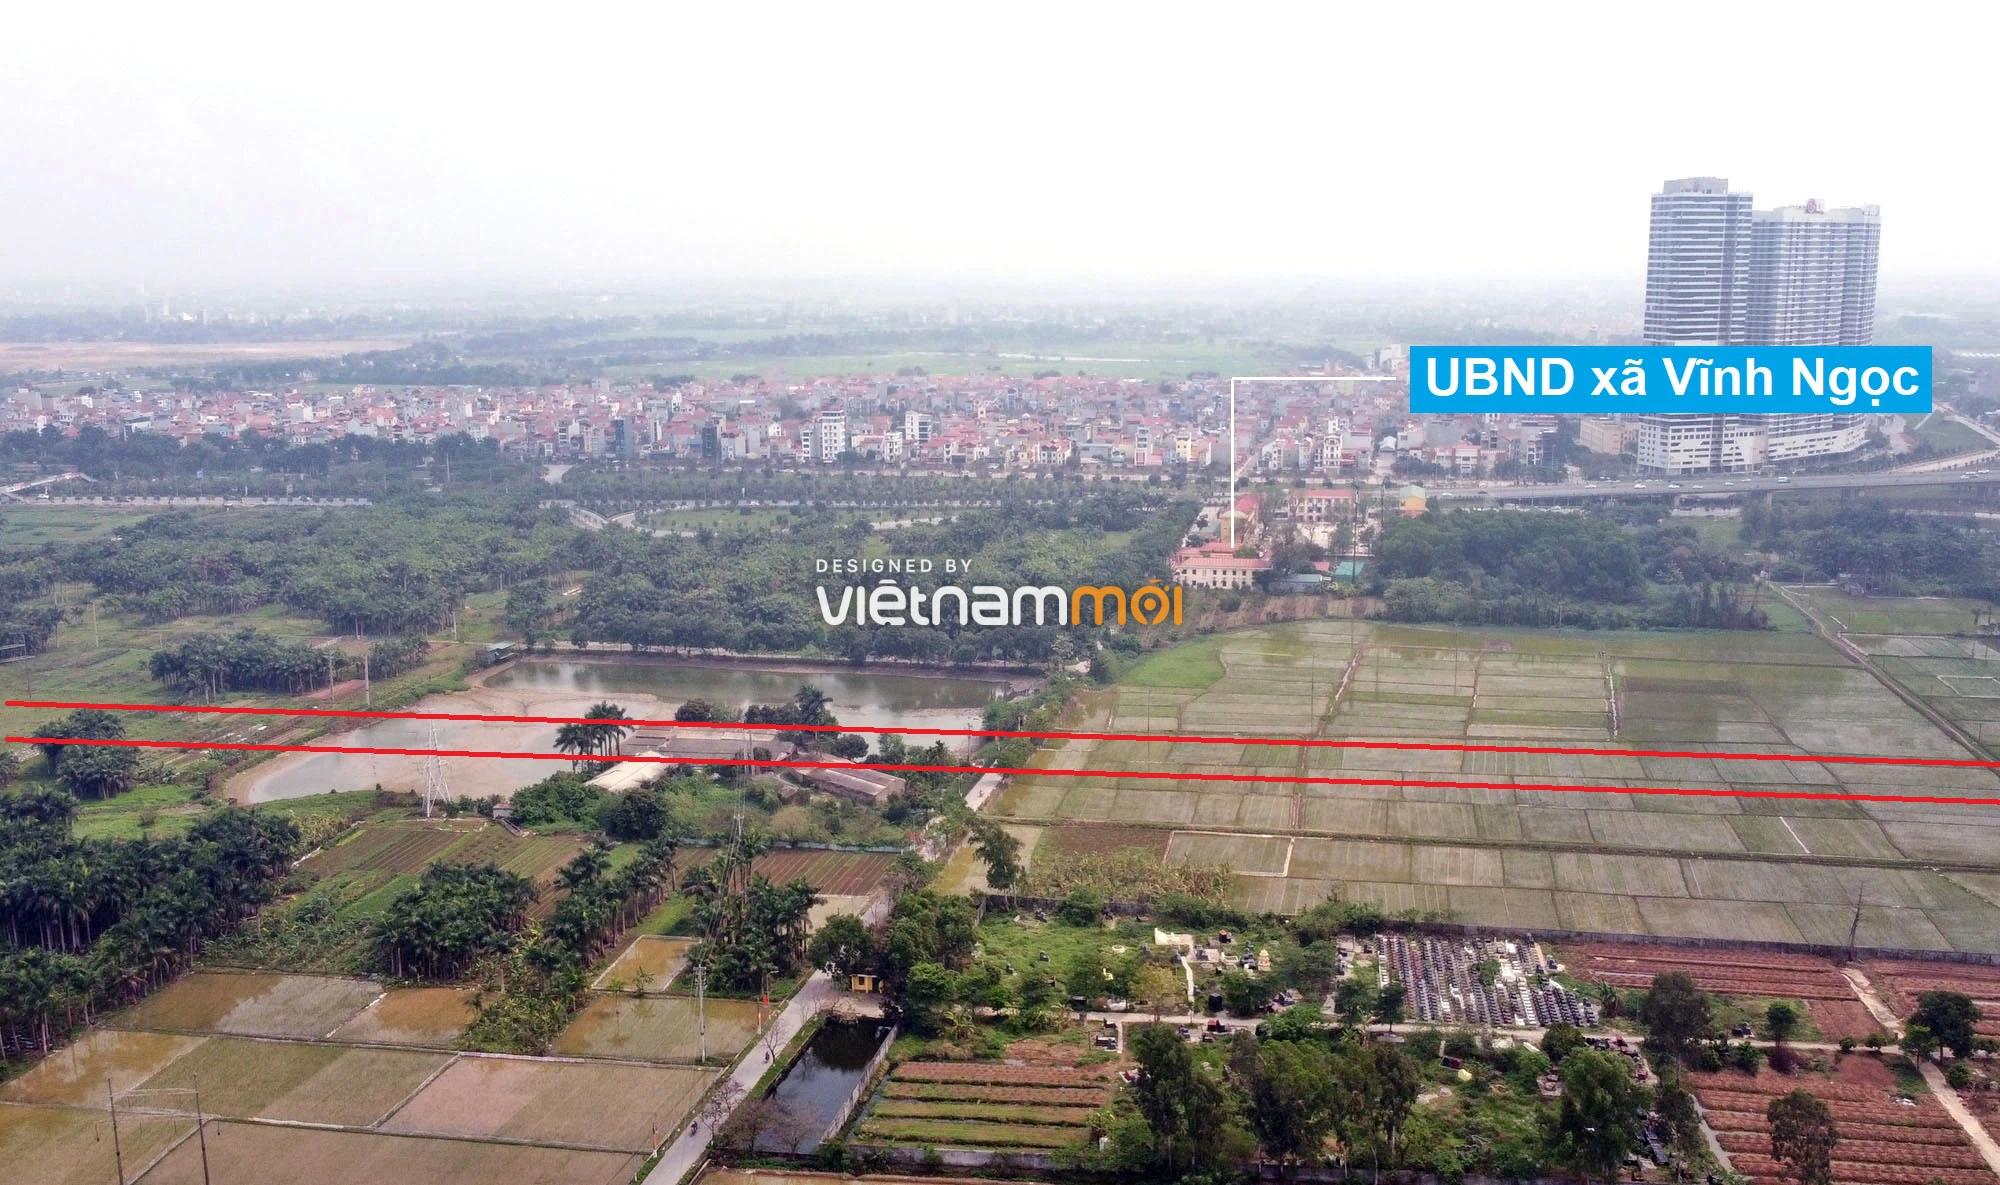 Đường sẽ mở theo quy hoạch ở xã Vĩnh Ngọc, Đông Anh, Hà Nội (phần 3) - Ảnh 3.